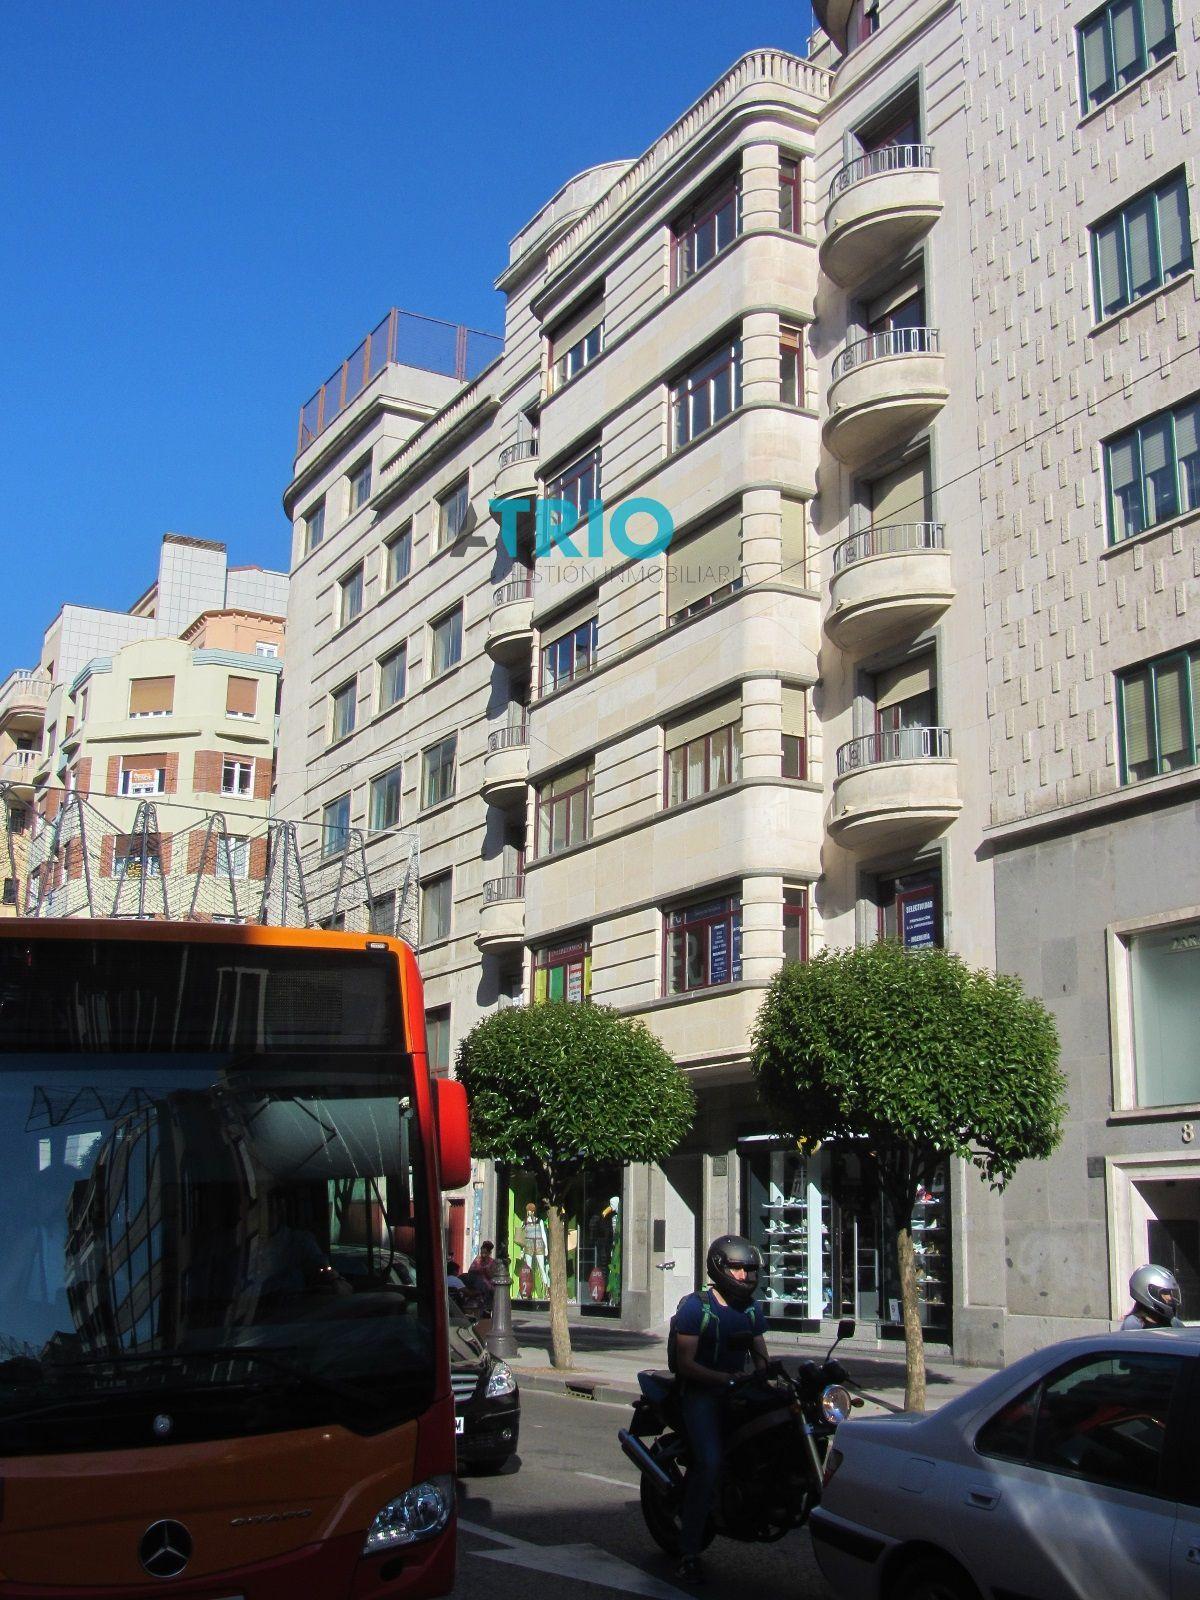 dia.mobiliagestion.es/Portals/inmoatrio/Images/6935/5286088